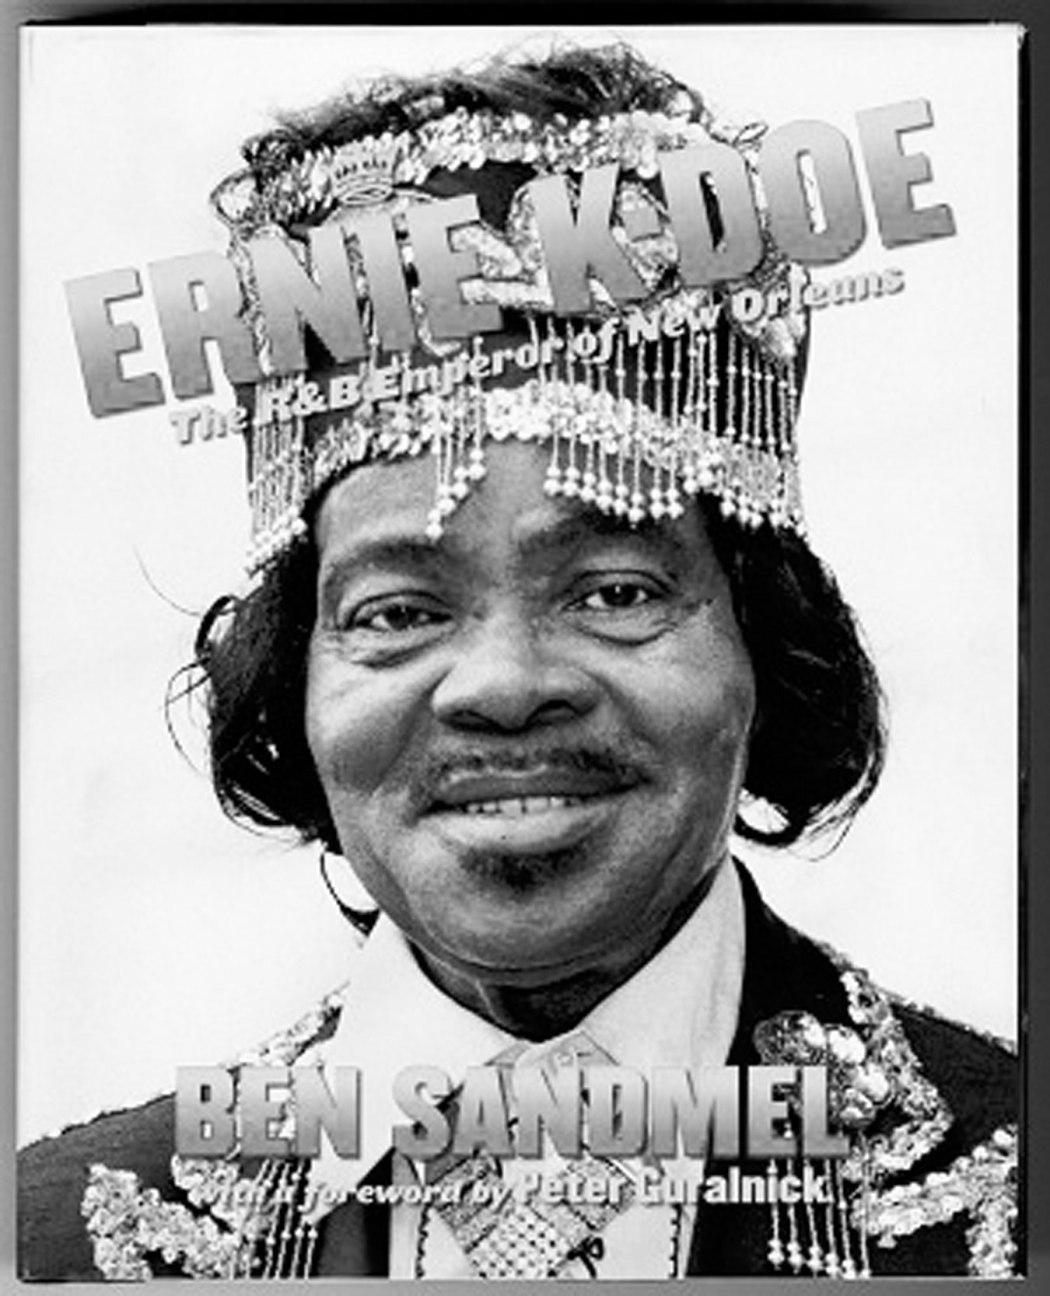 Ernie_K-Doe_R_B_Emperor_of_